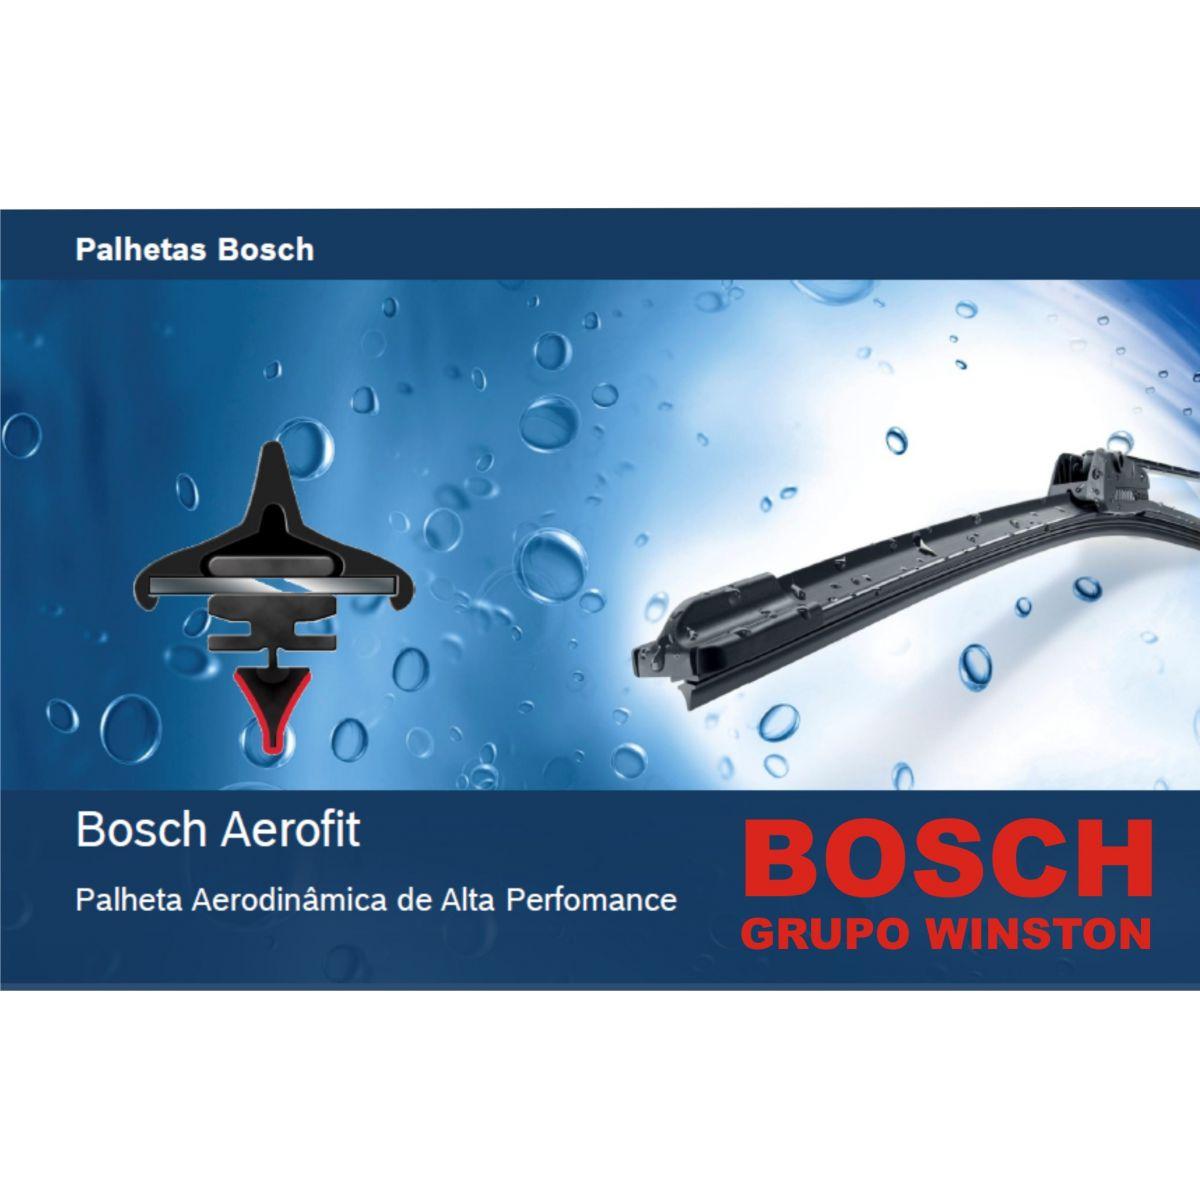 Palheta Bosch Aerofit Limpador de para brisa Bosch Chevrolet Astra / Sedan Classic Montana